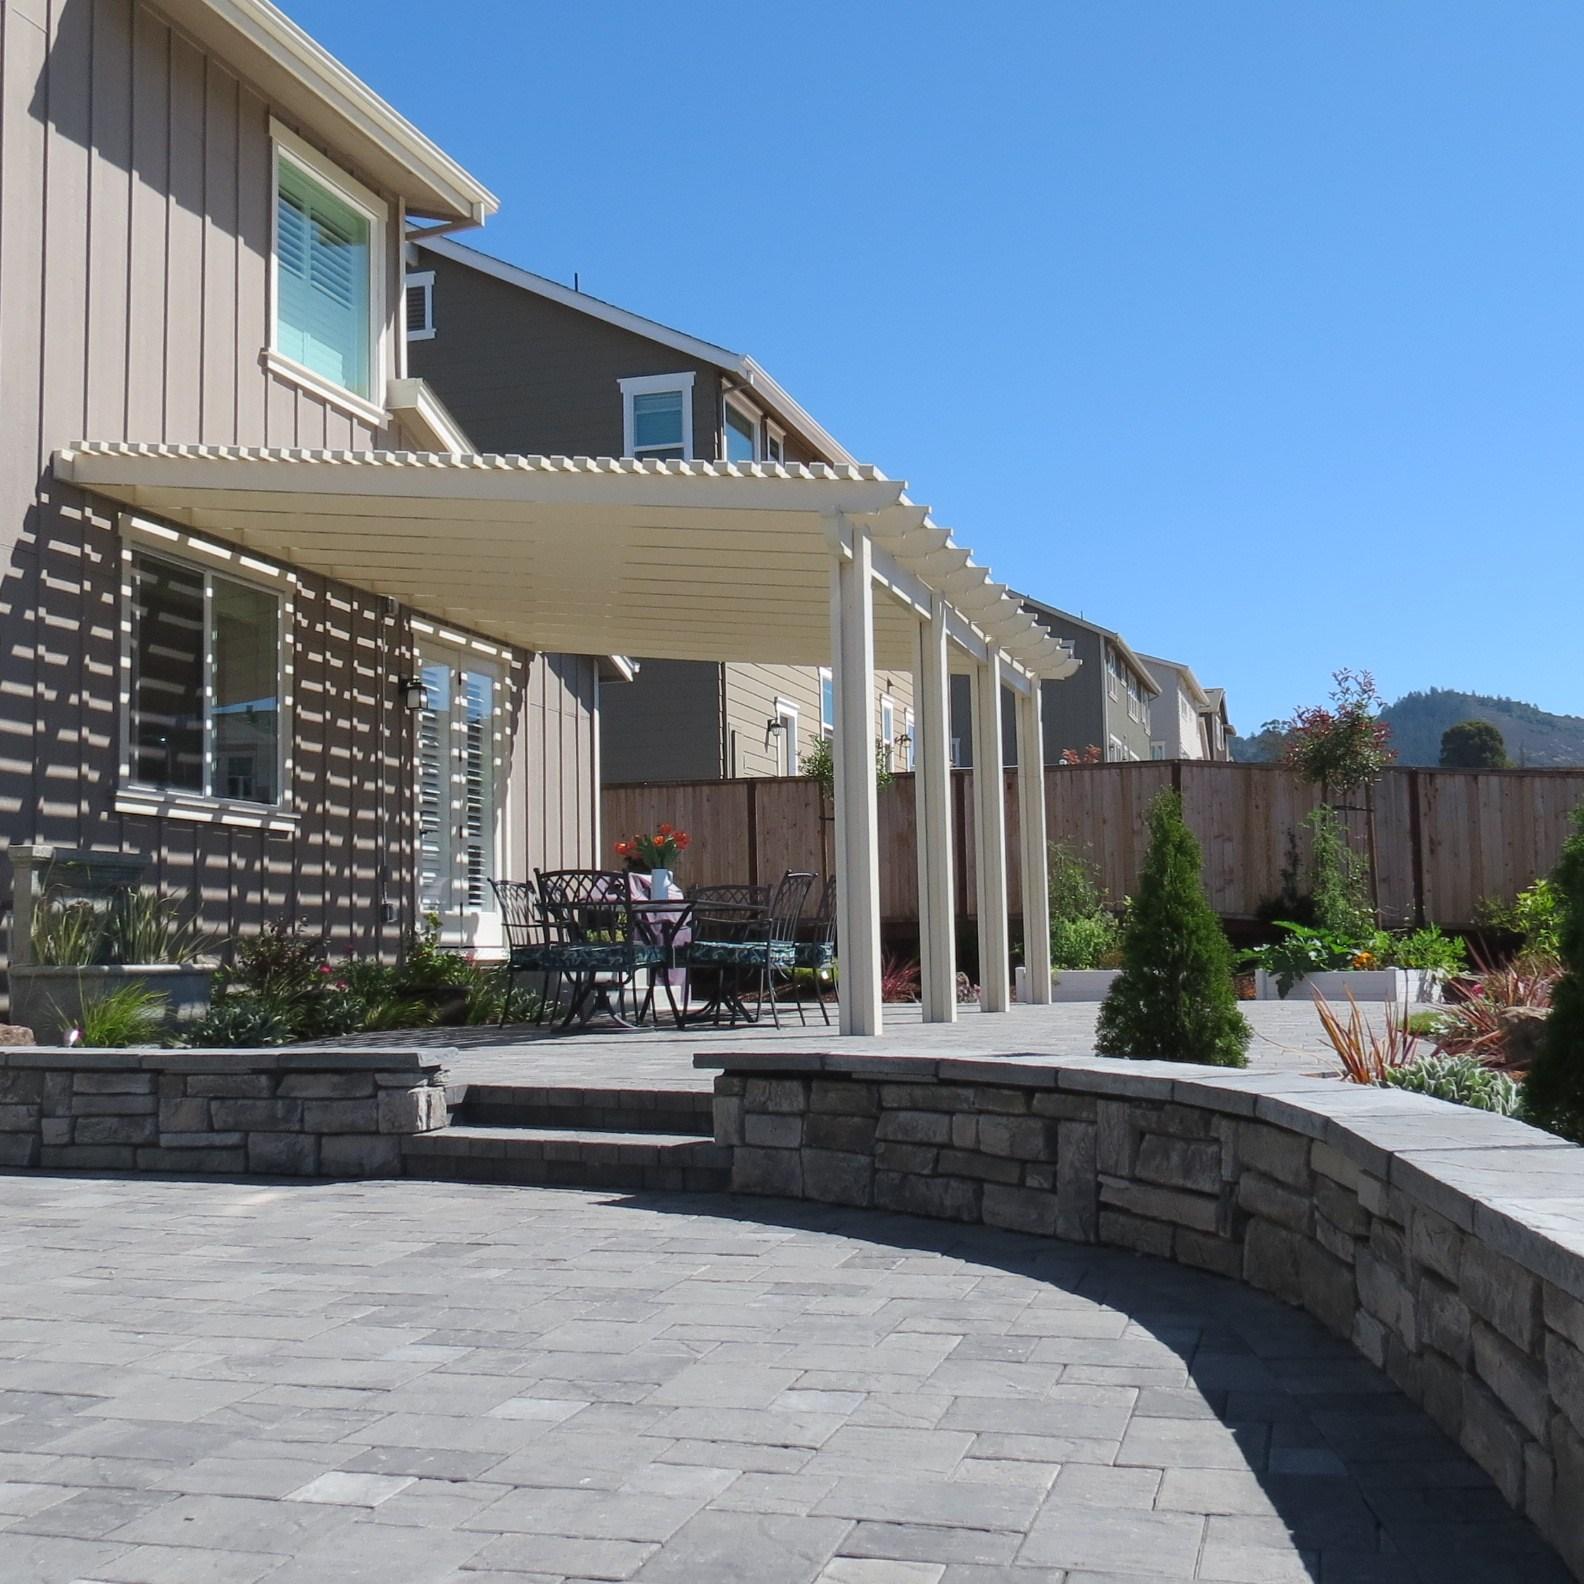 Lattice Roof Patio Cover Pergola